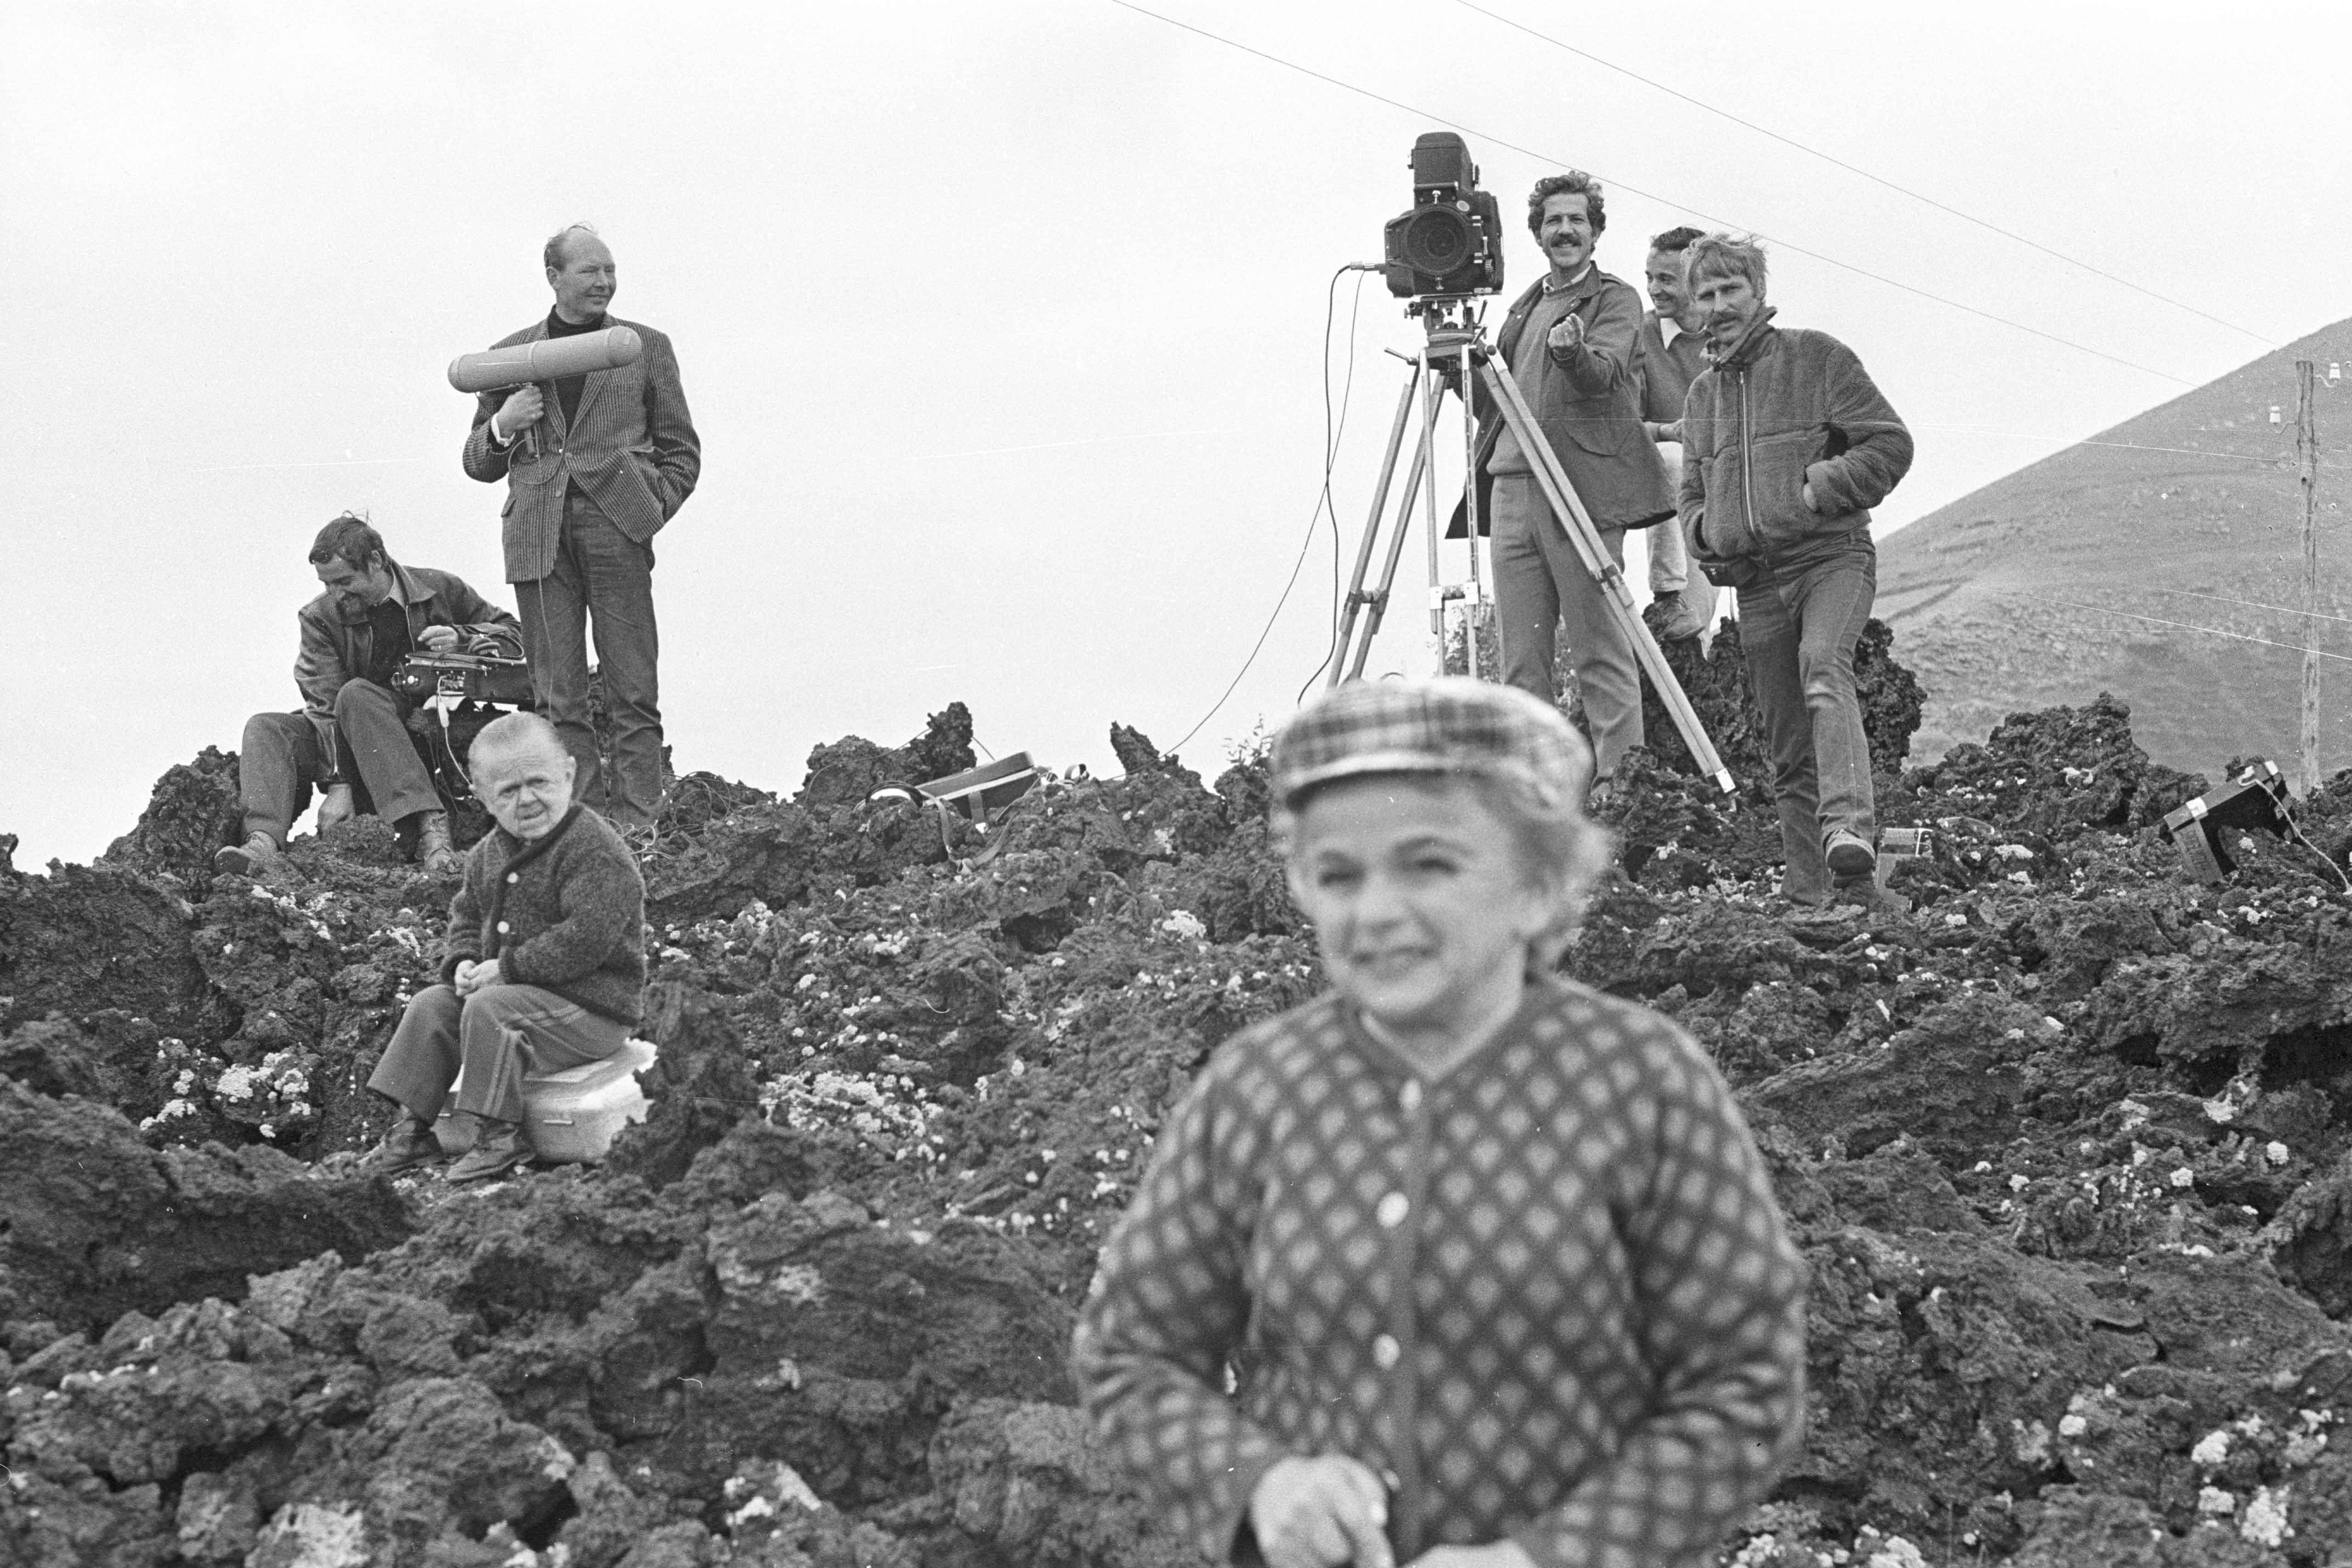 Behind the scenes of the film Auch Zwerge haben klein angefangen